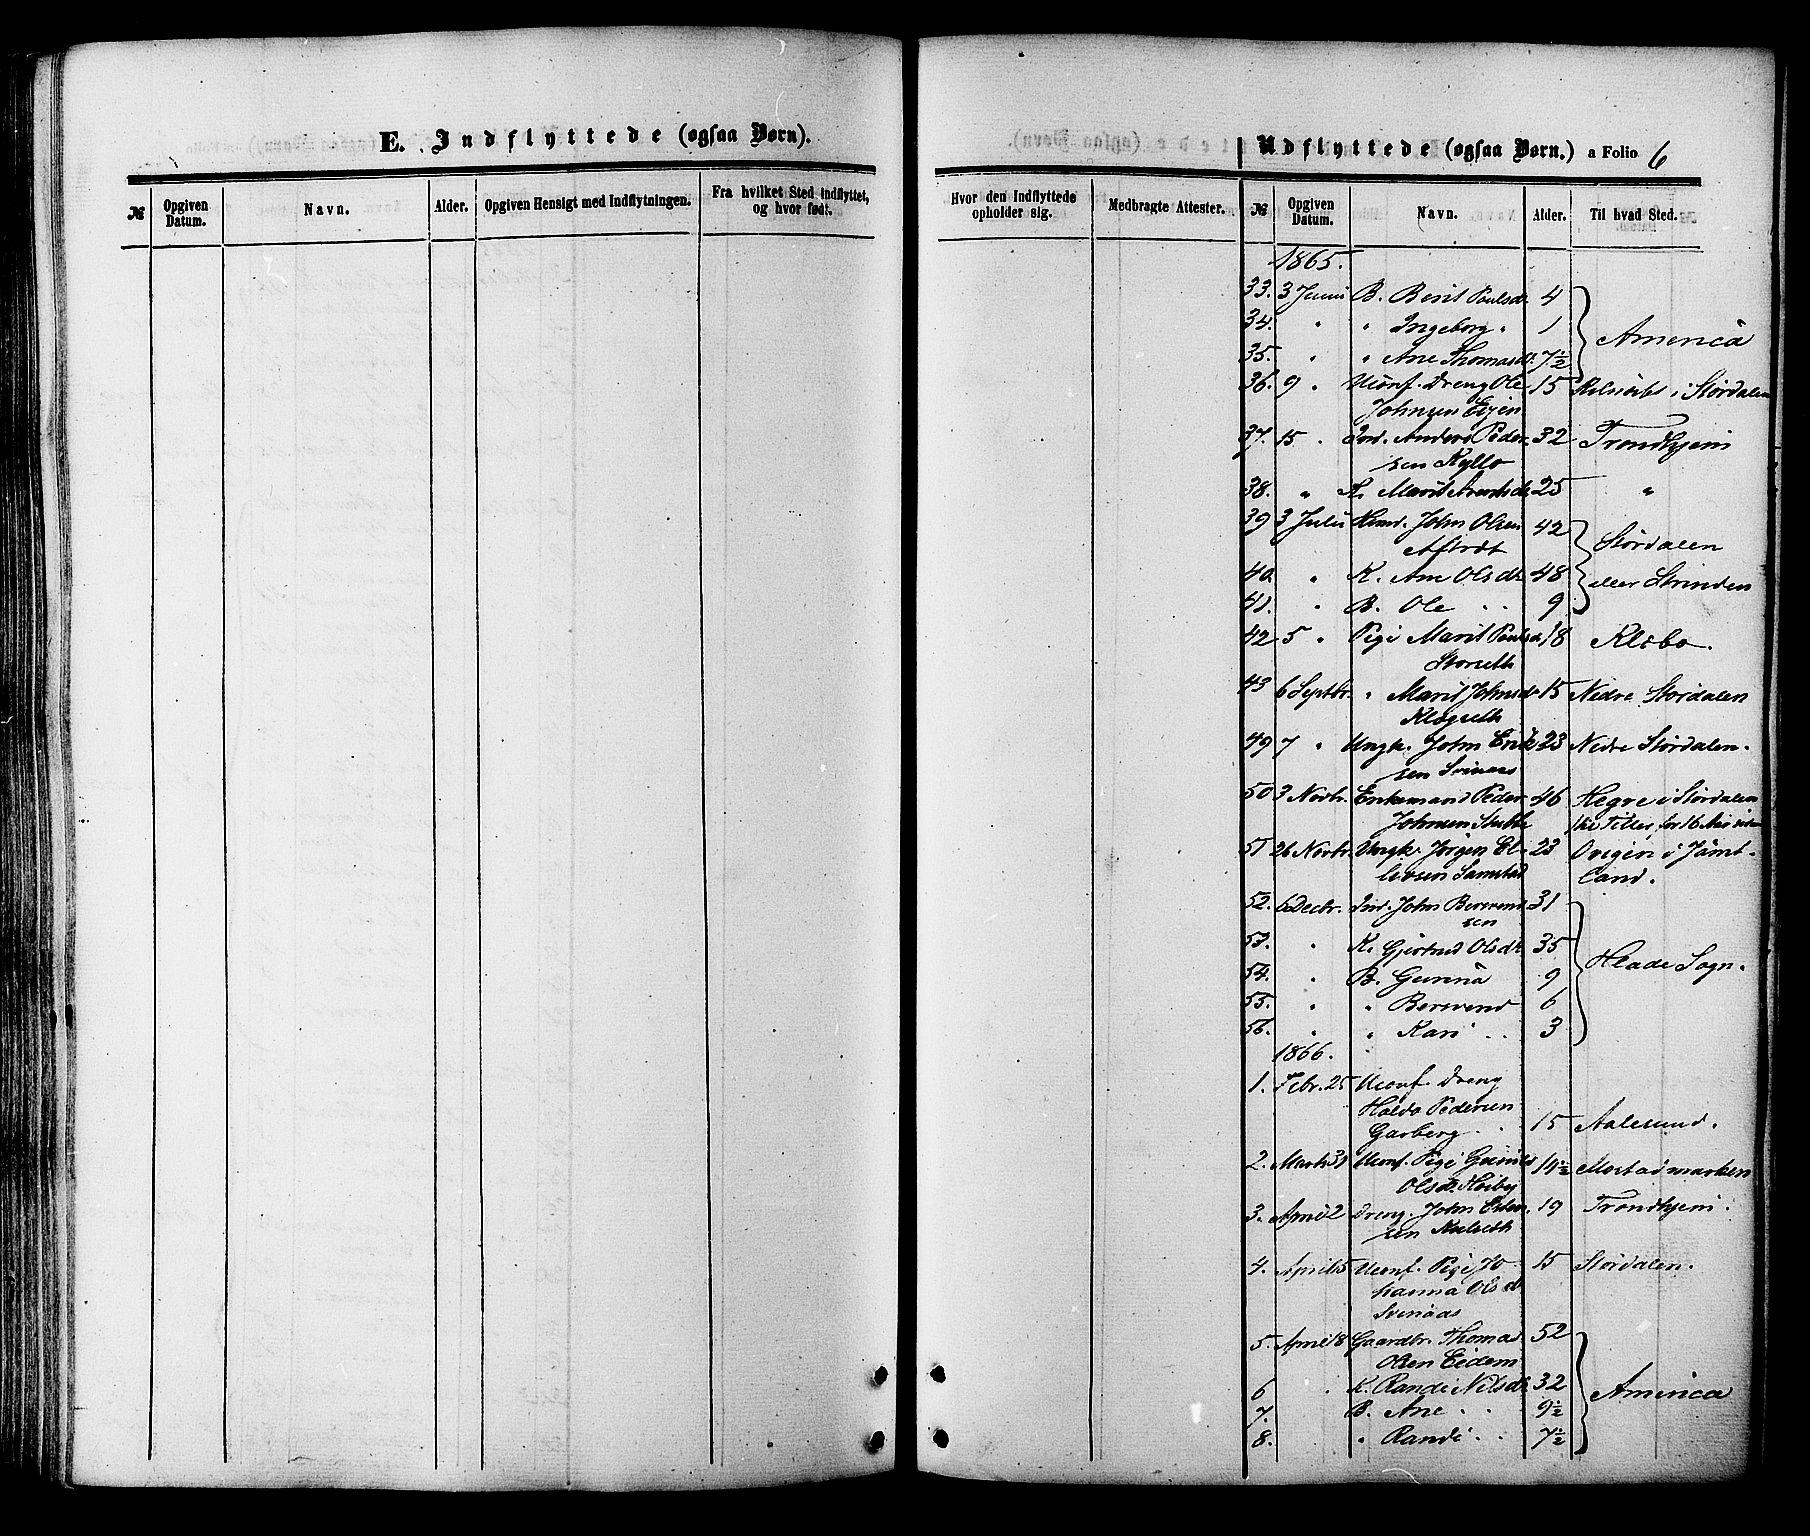 SAT, Ministerialprotokoller, klokkerbøker og fødselsregistre - Sør-Trøndelag, 695/L1147: Ministerialbok nr. 695A07, 1860-1877, s. 6